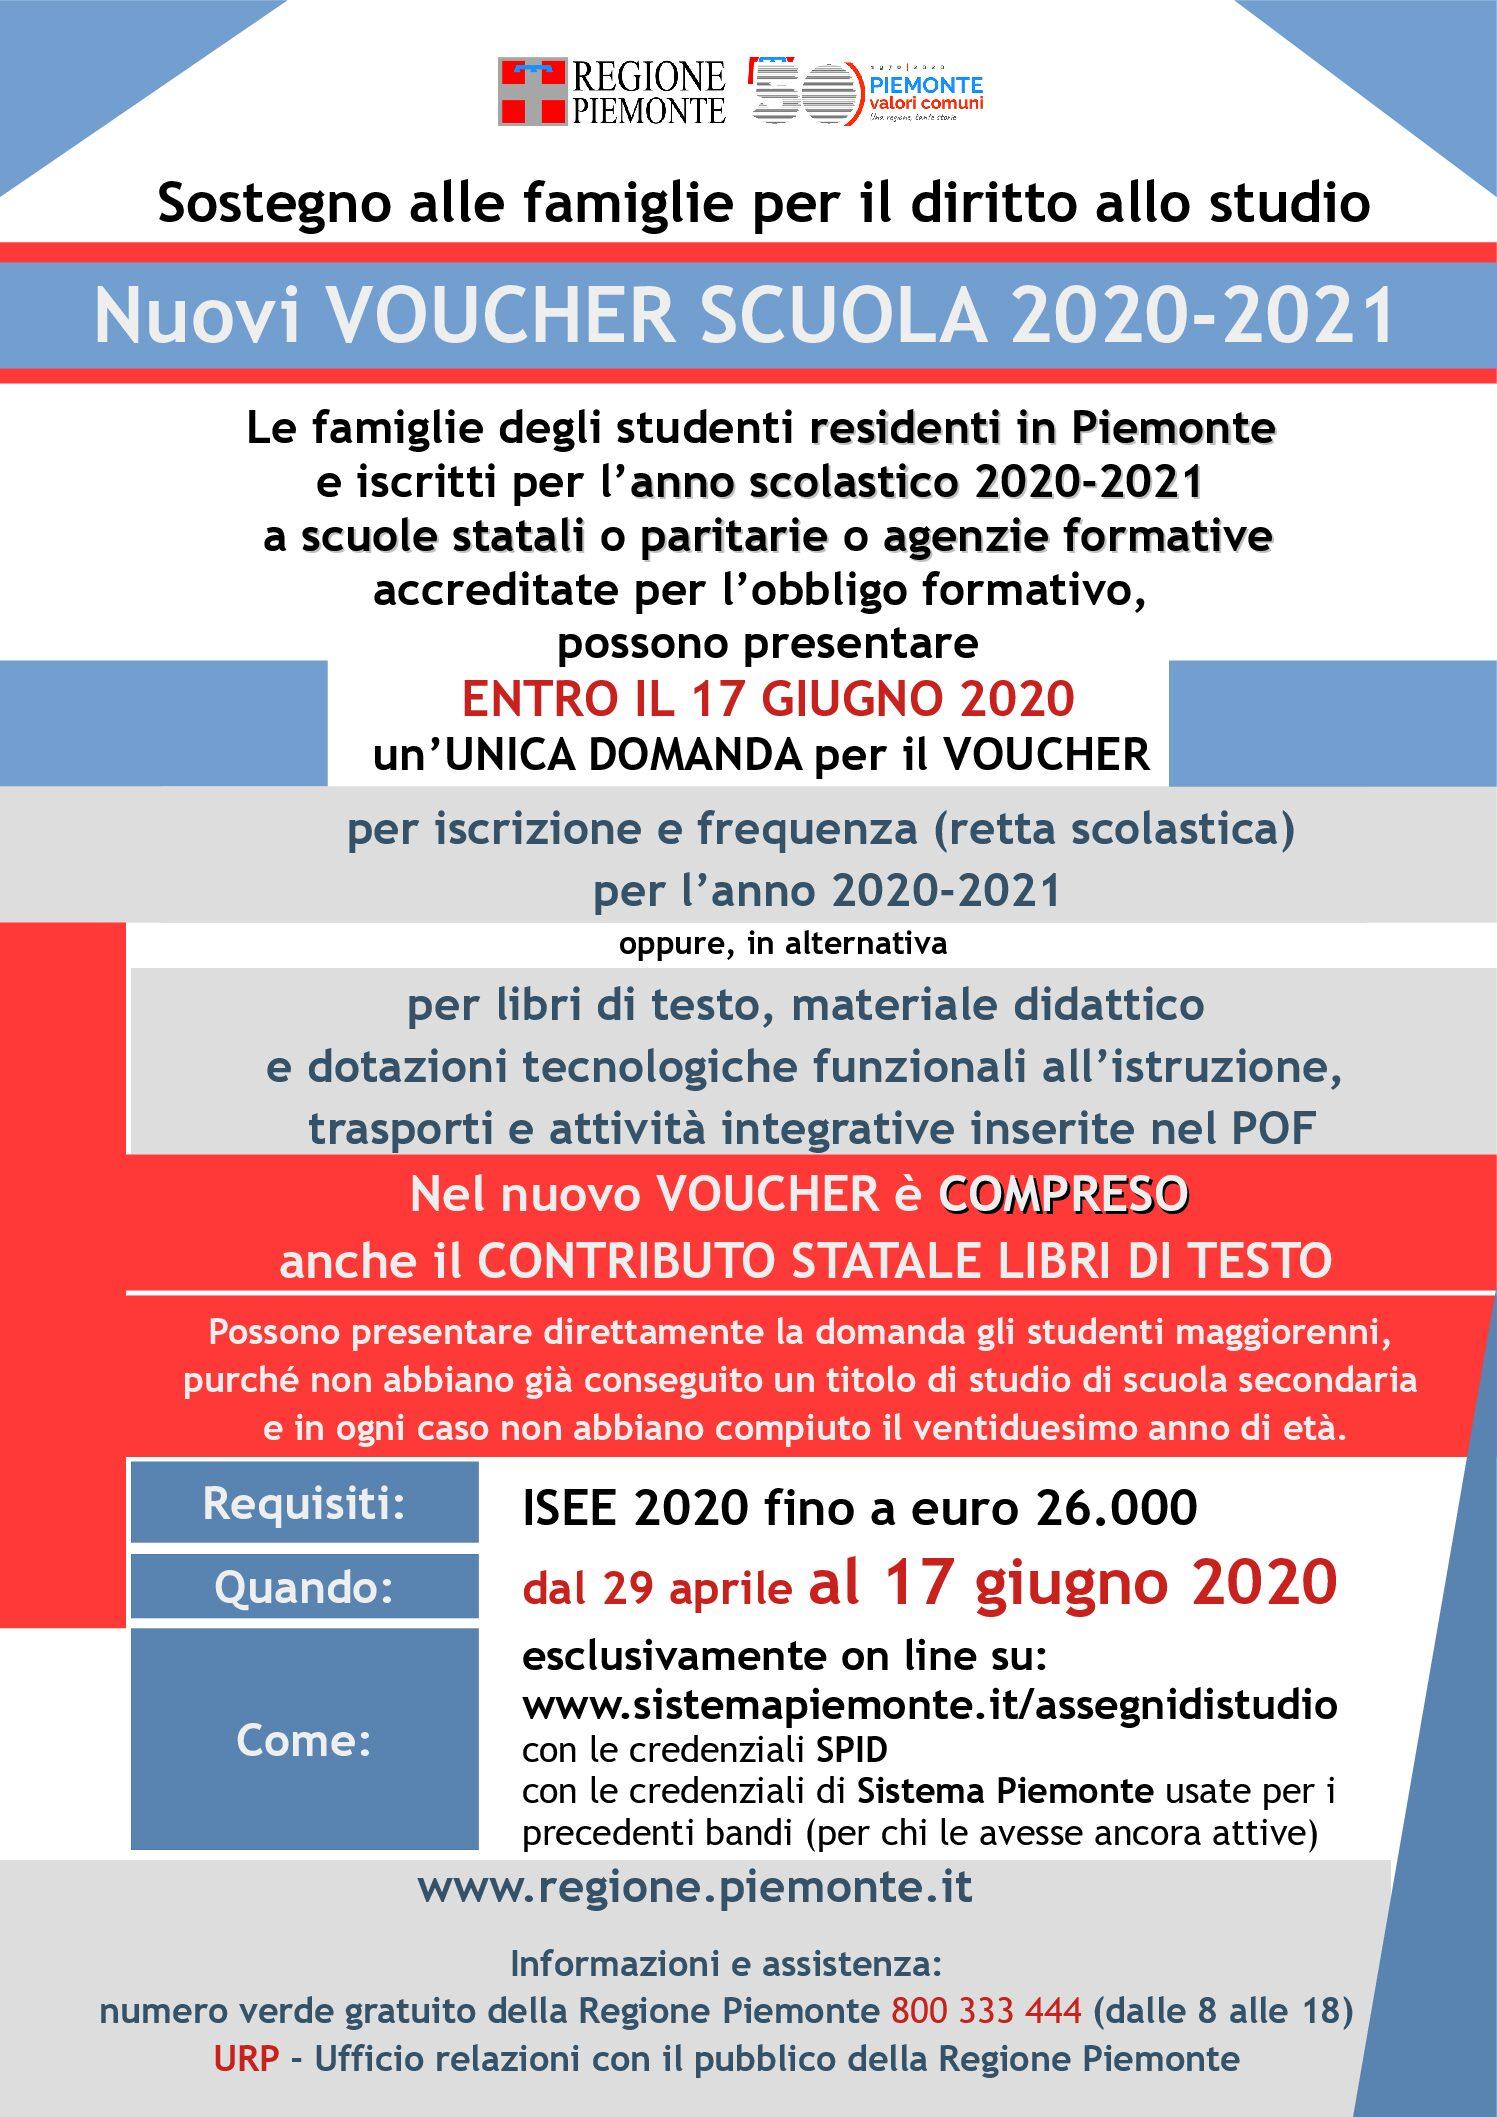 AVVISO PROROGA SCADENZA PRESENTAZIONE DOMANDA ENTRO IL 17 giugno 2020 Voucher scuola bando per l'anno scolastico 2020-2021